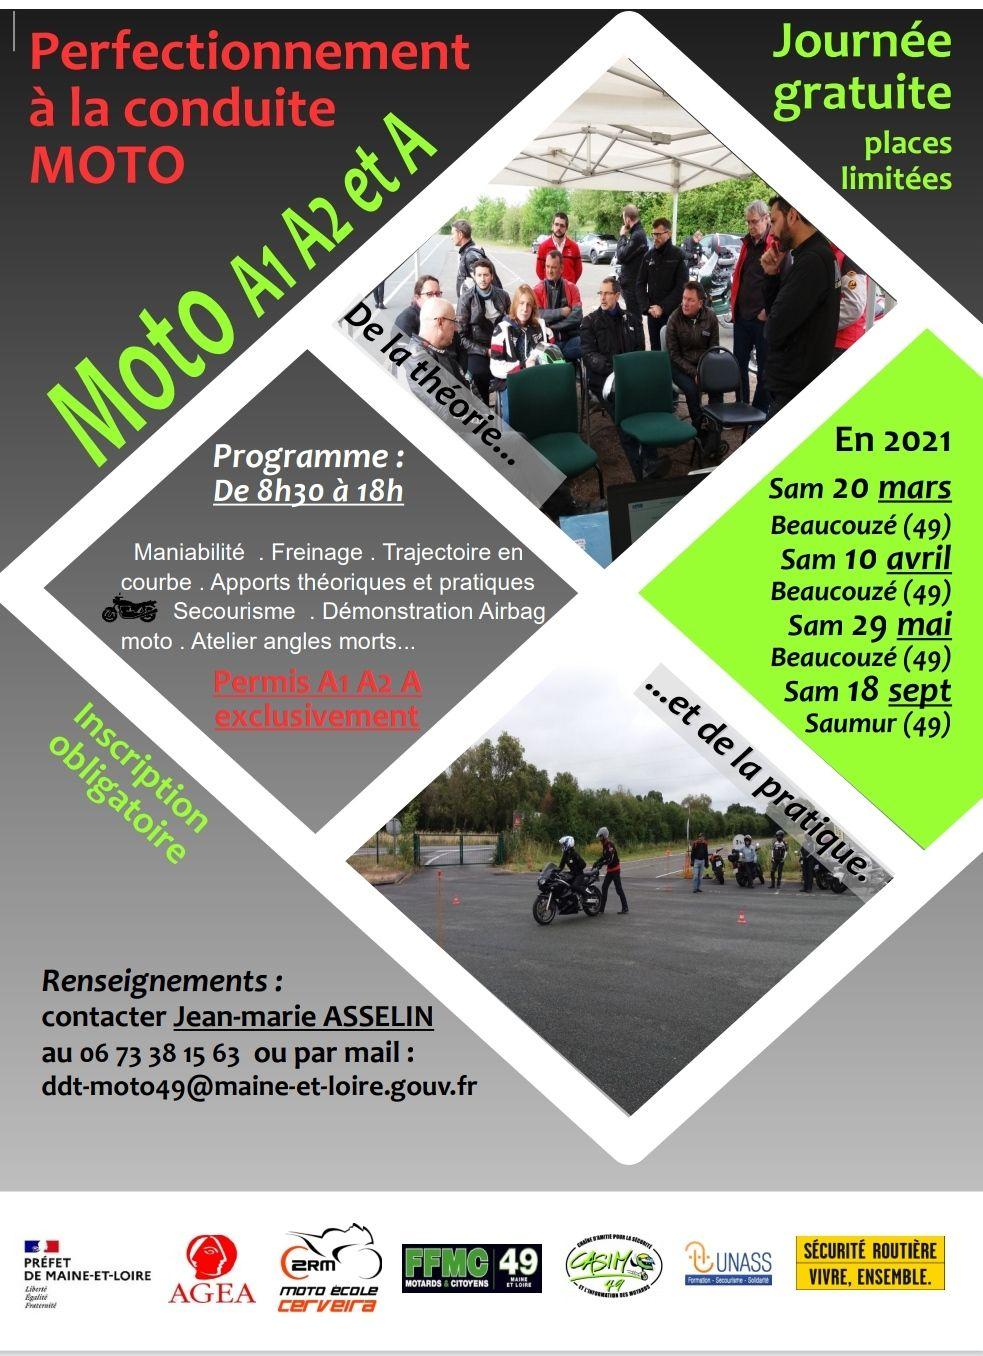 Formation Post-Permis Moto Gratuite + Repas offert - Maine et Loire (49)